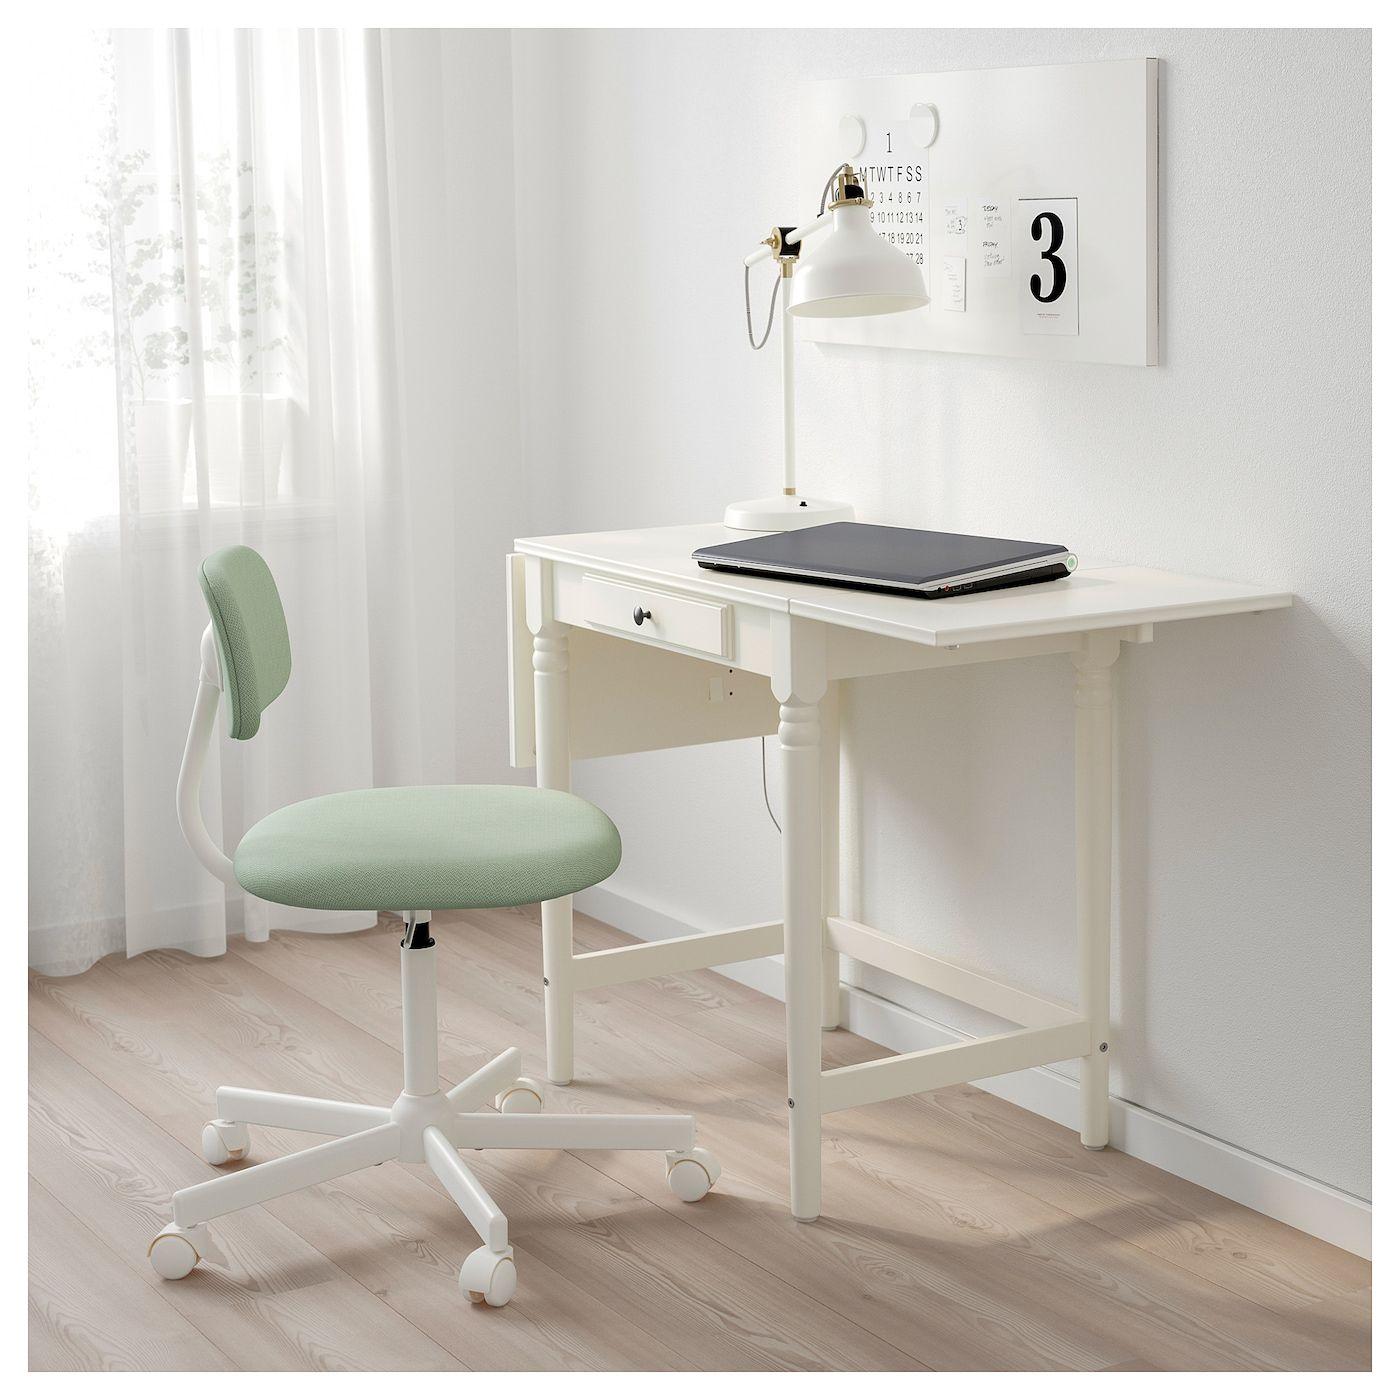 Scrivania Con Cassettiera Ikea ingatorp scrivania - bianco 73x50 cm | scrivania ikea